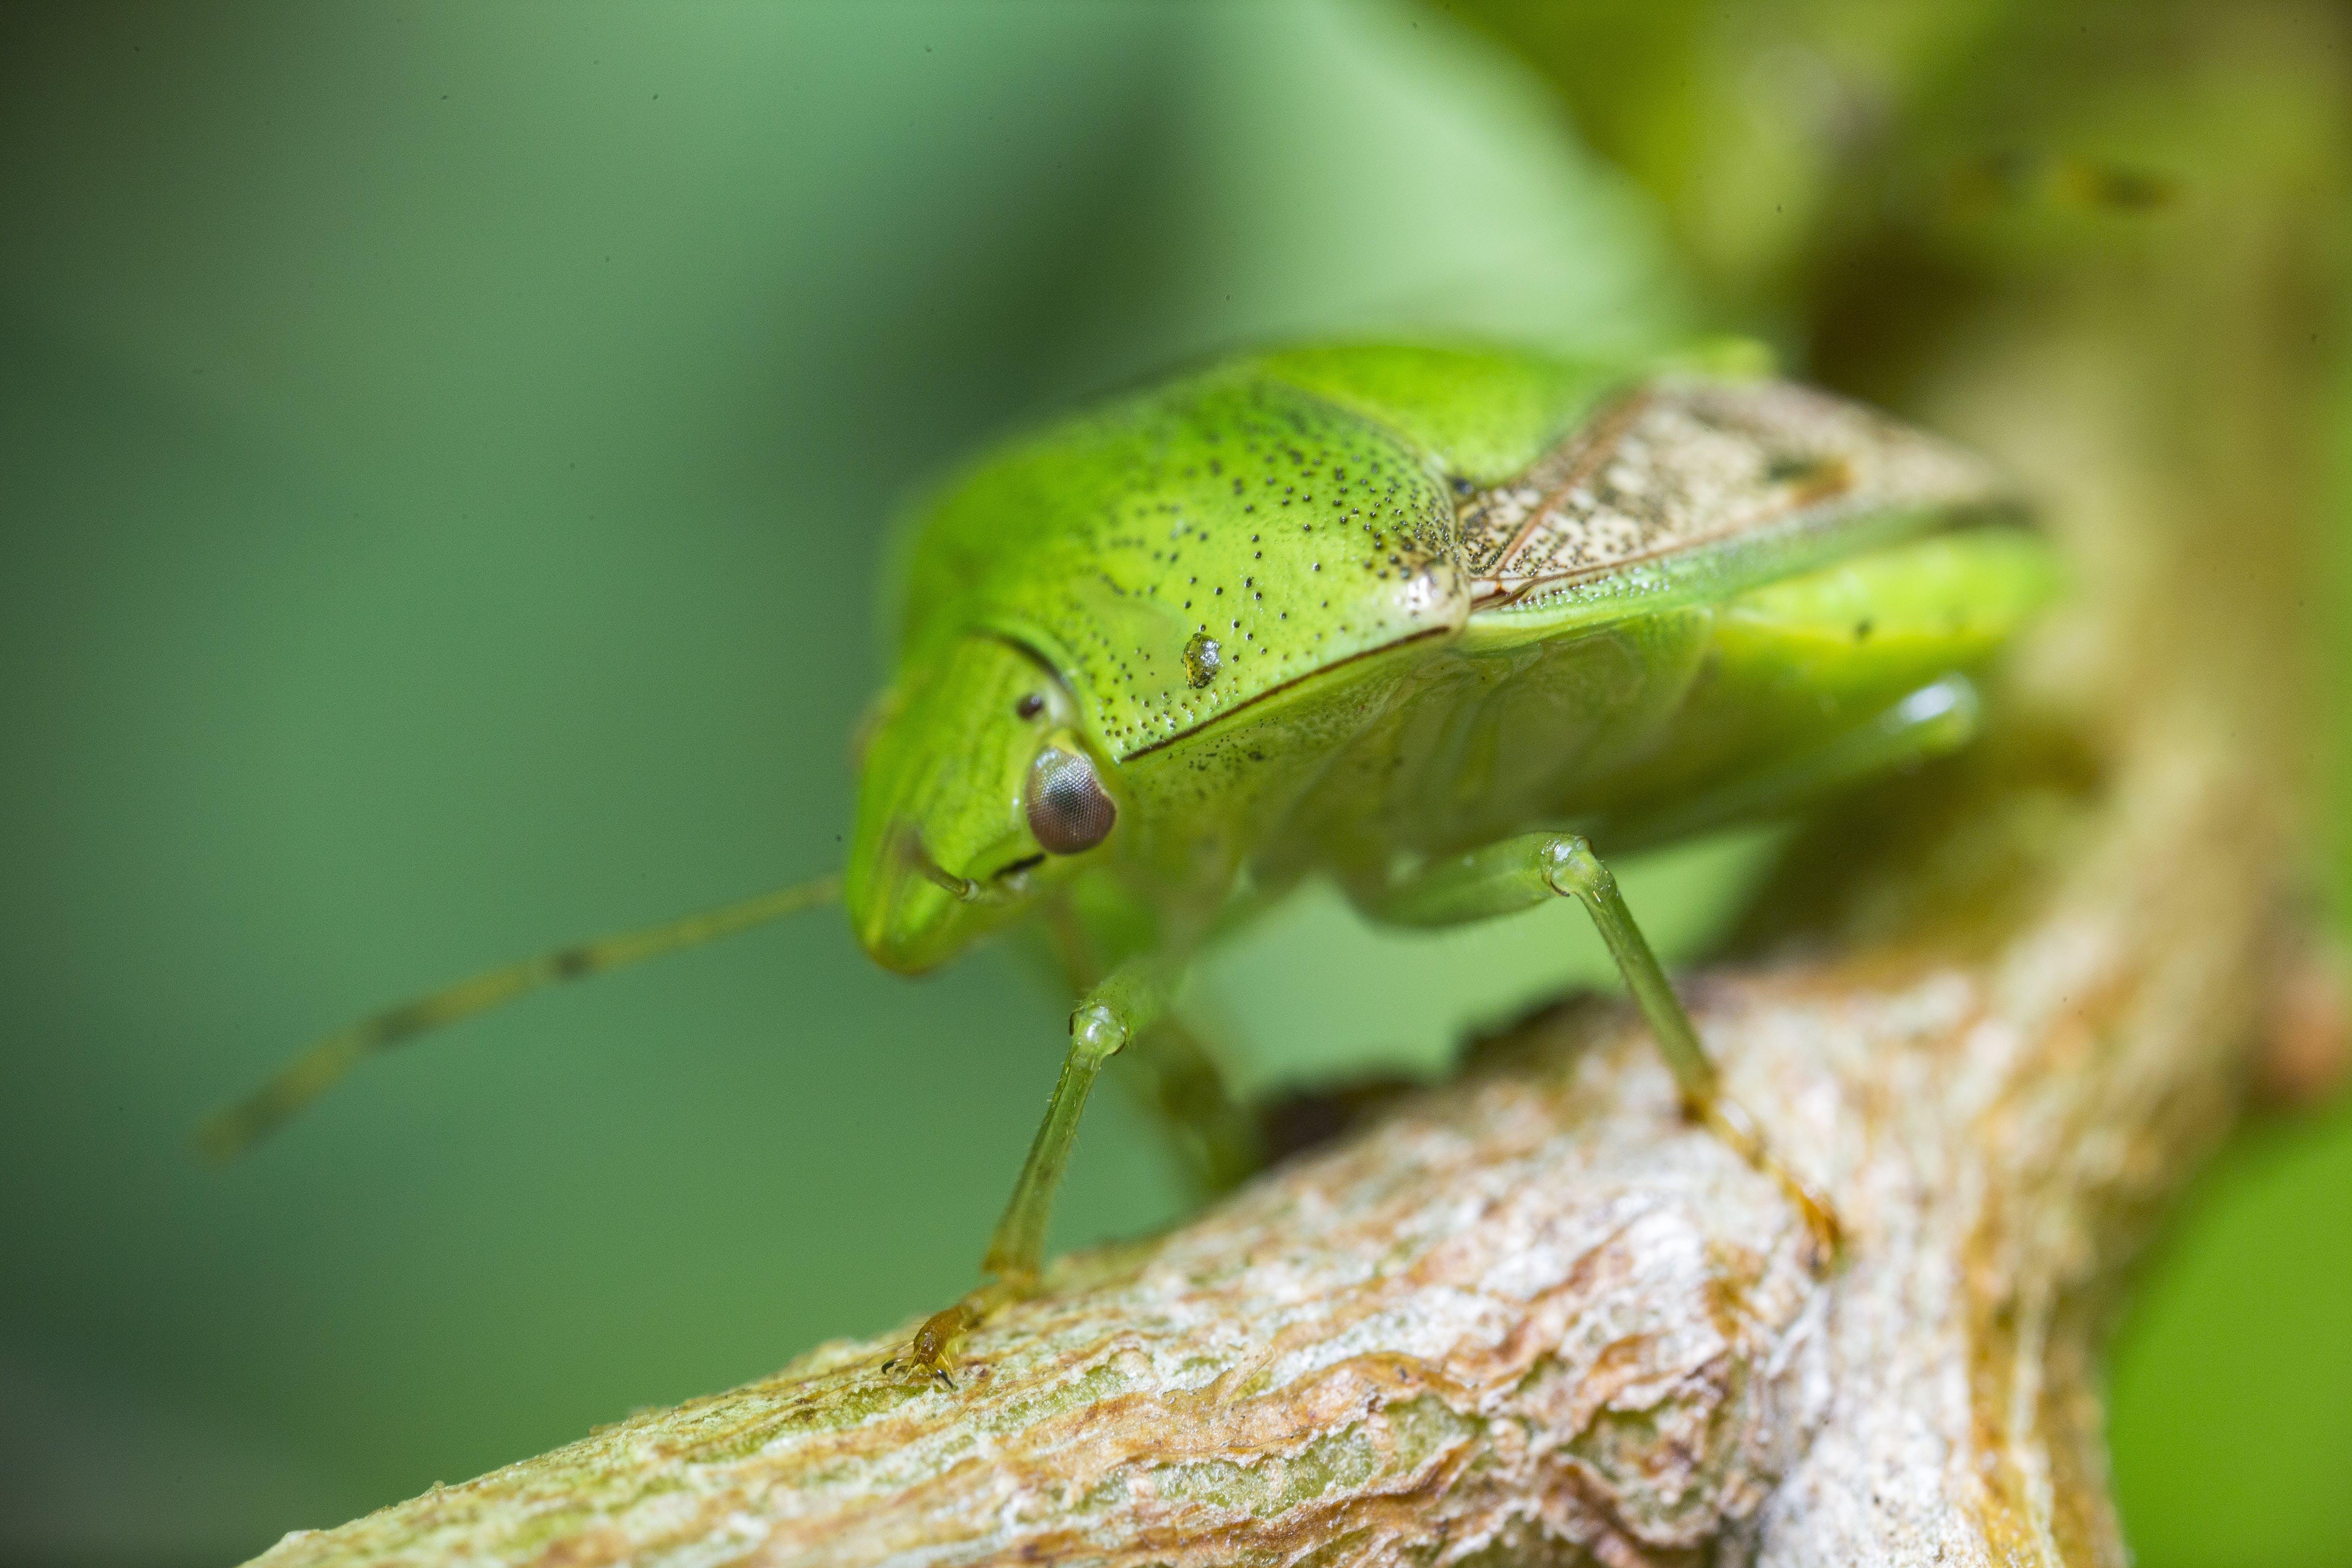 곤충, 동물, 떠나다, 매크로의 무료 스톡 사진